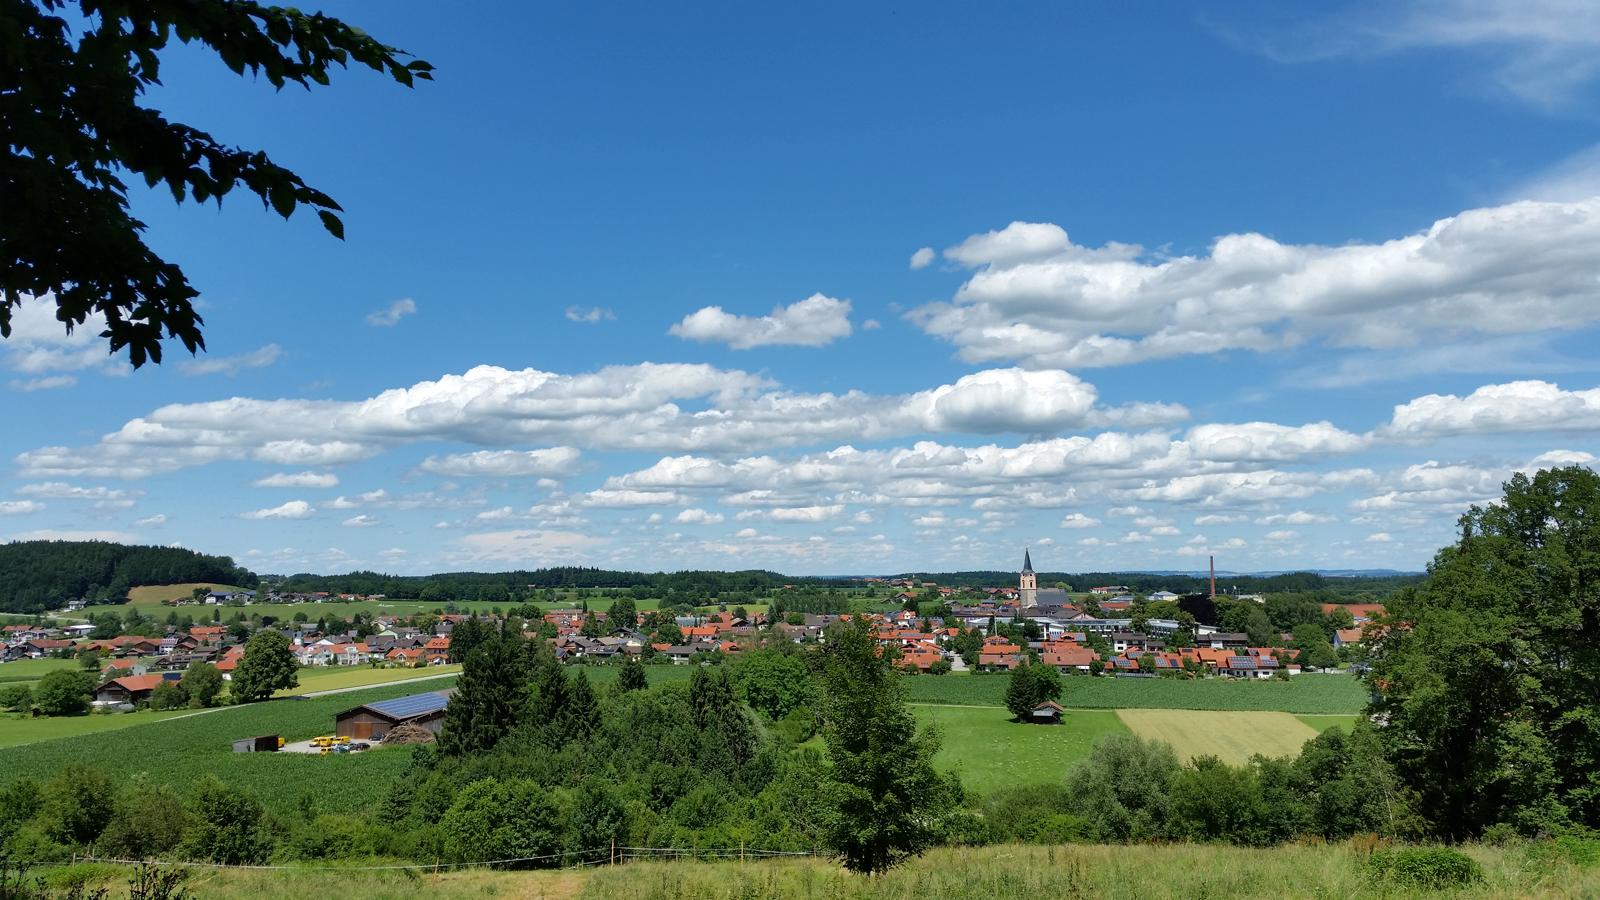 Blick auf Teisendorf vom Waldlehrpfad